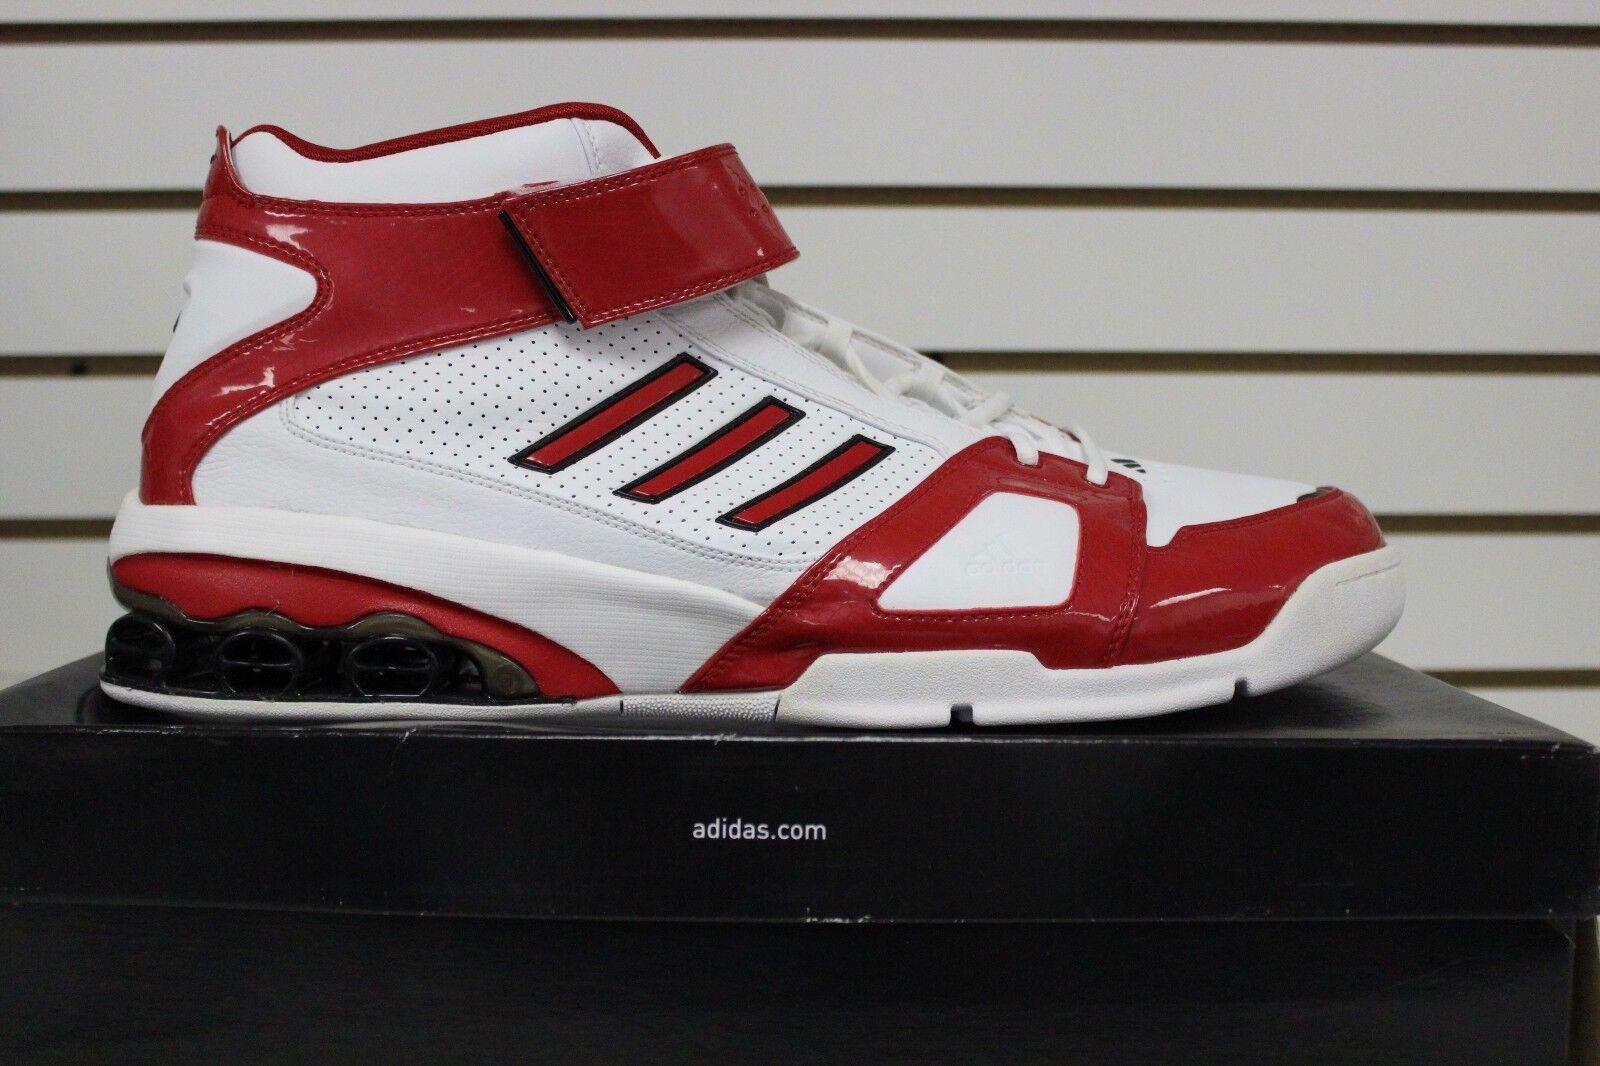 Los hombres de baloncesto de la NBA Adidas 667473 AST j-smoov Josh Smith 667473 Adidas blanco / rojo / negro 712a69